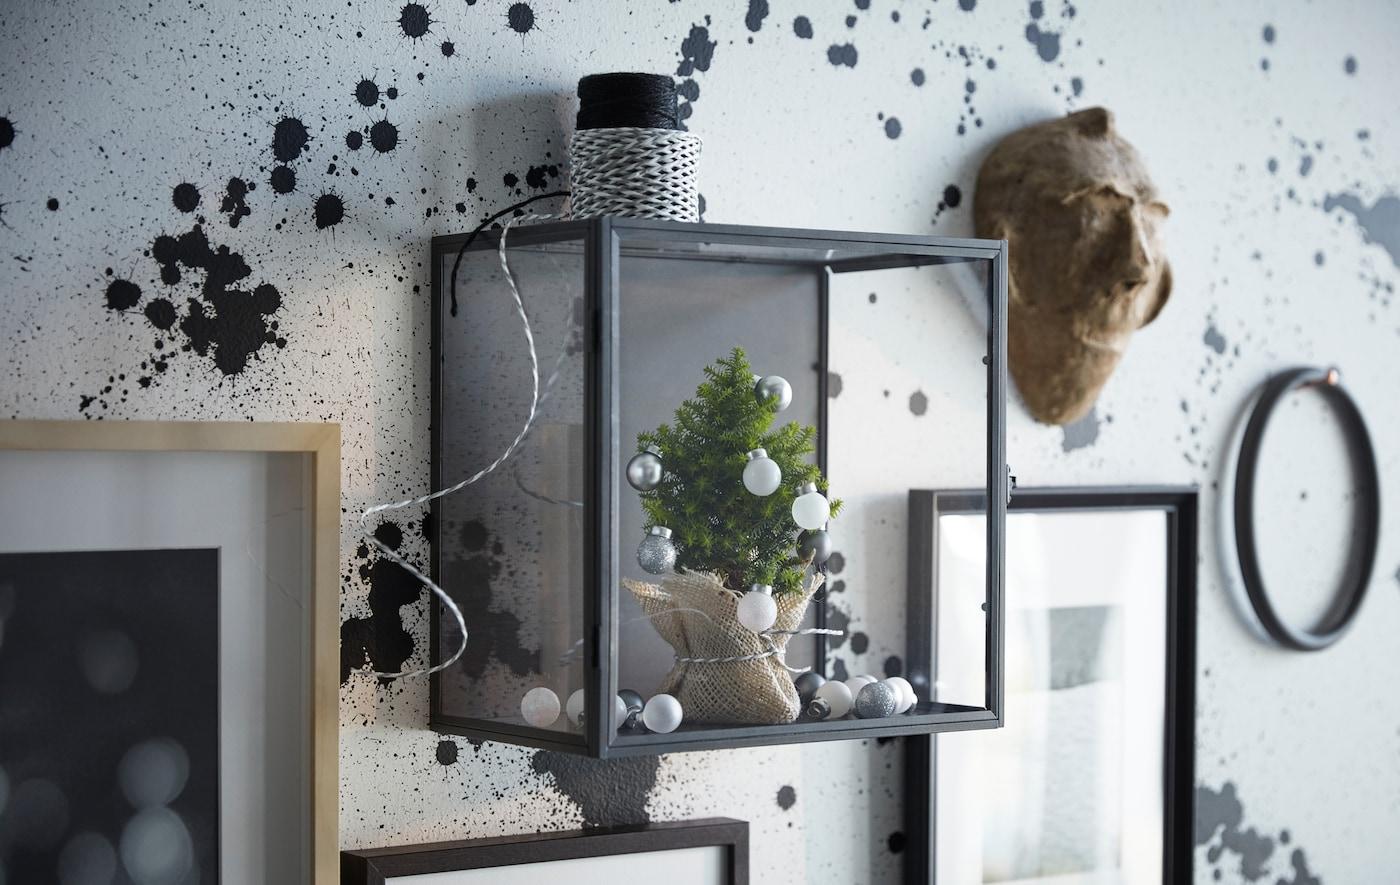 Tražiš nove ideje za ukrase u dnevnoj sobi tokom praznika? Napravi zidne ukrase pomoću mini jelke u izložbenoj kutiji! IKEA BARKHYTTAN izložbena kutija sjajno je mesto za malu jelku.